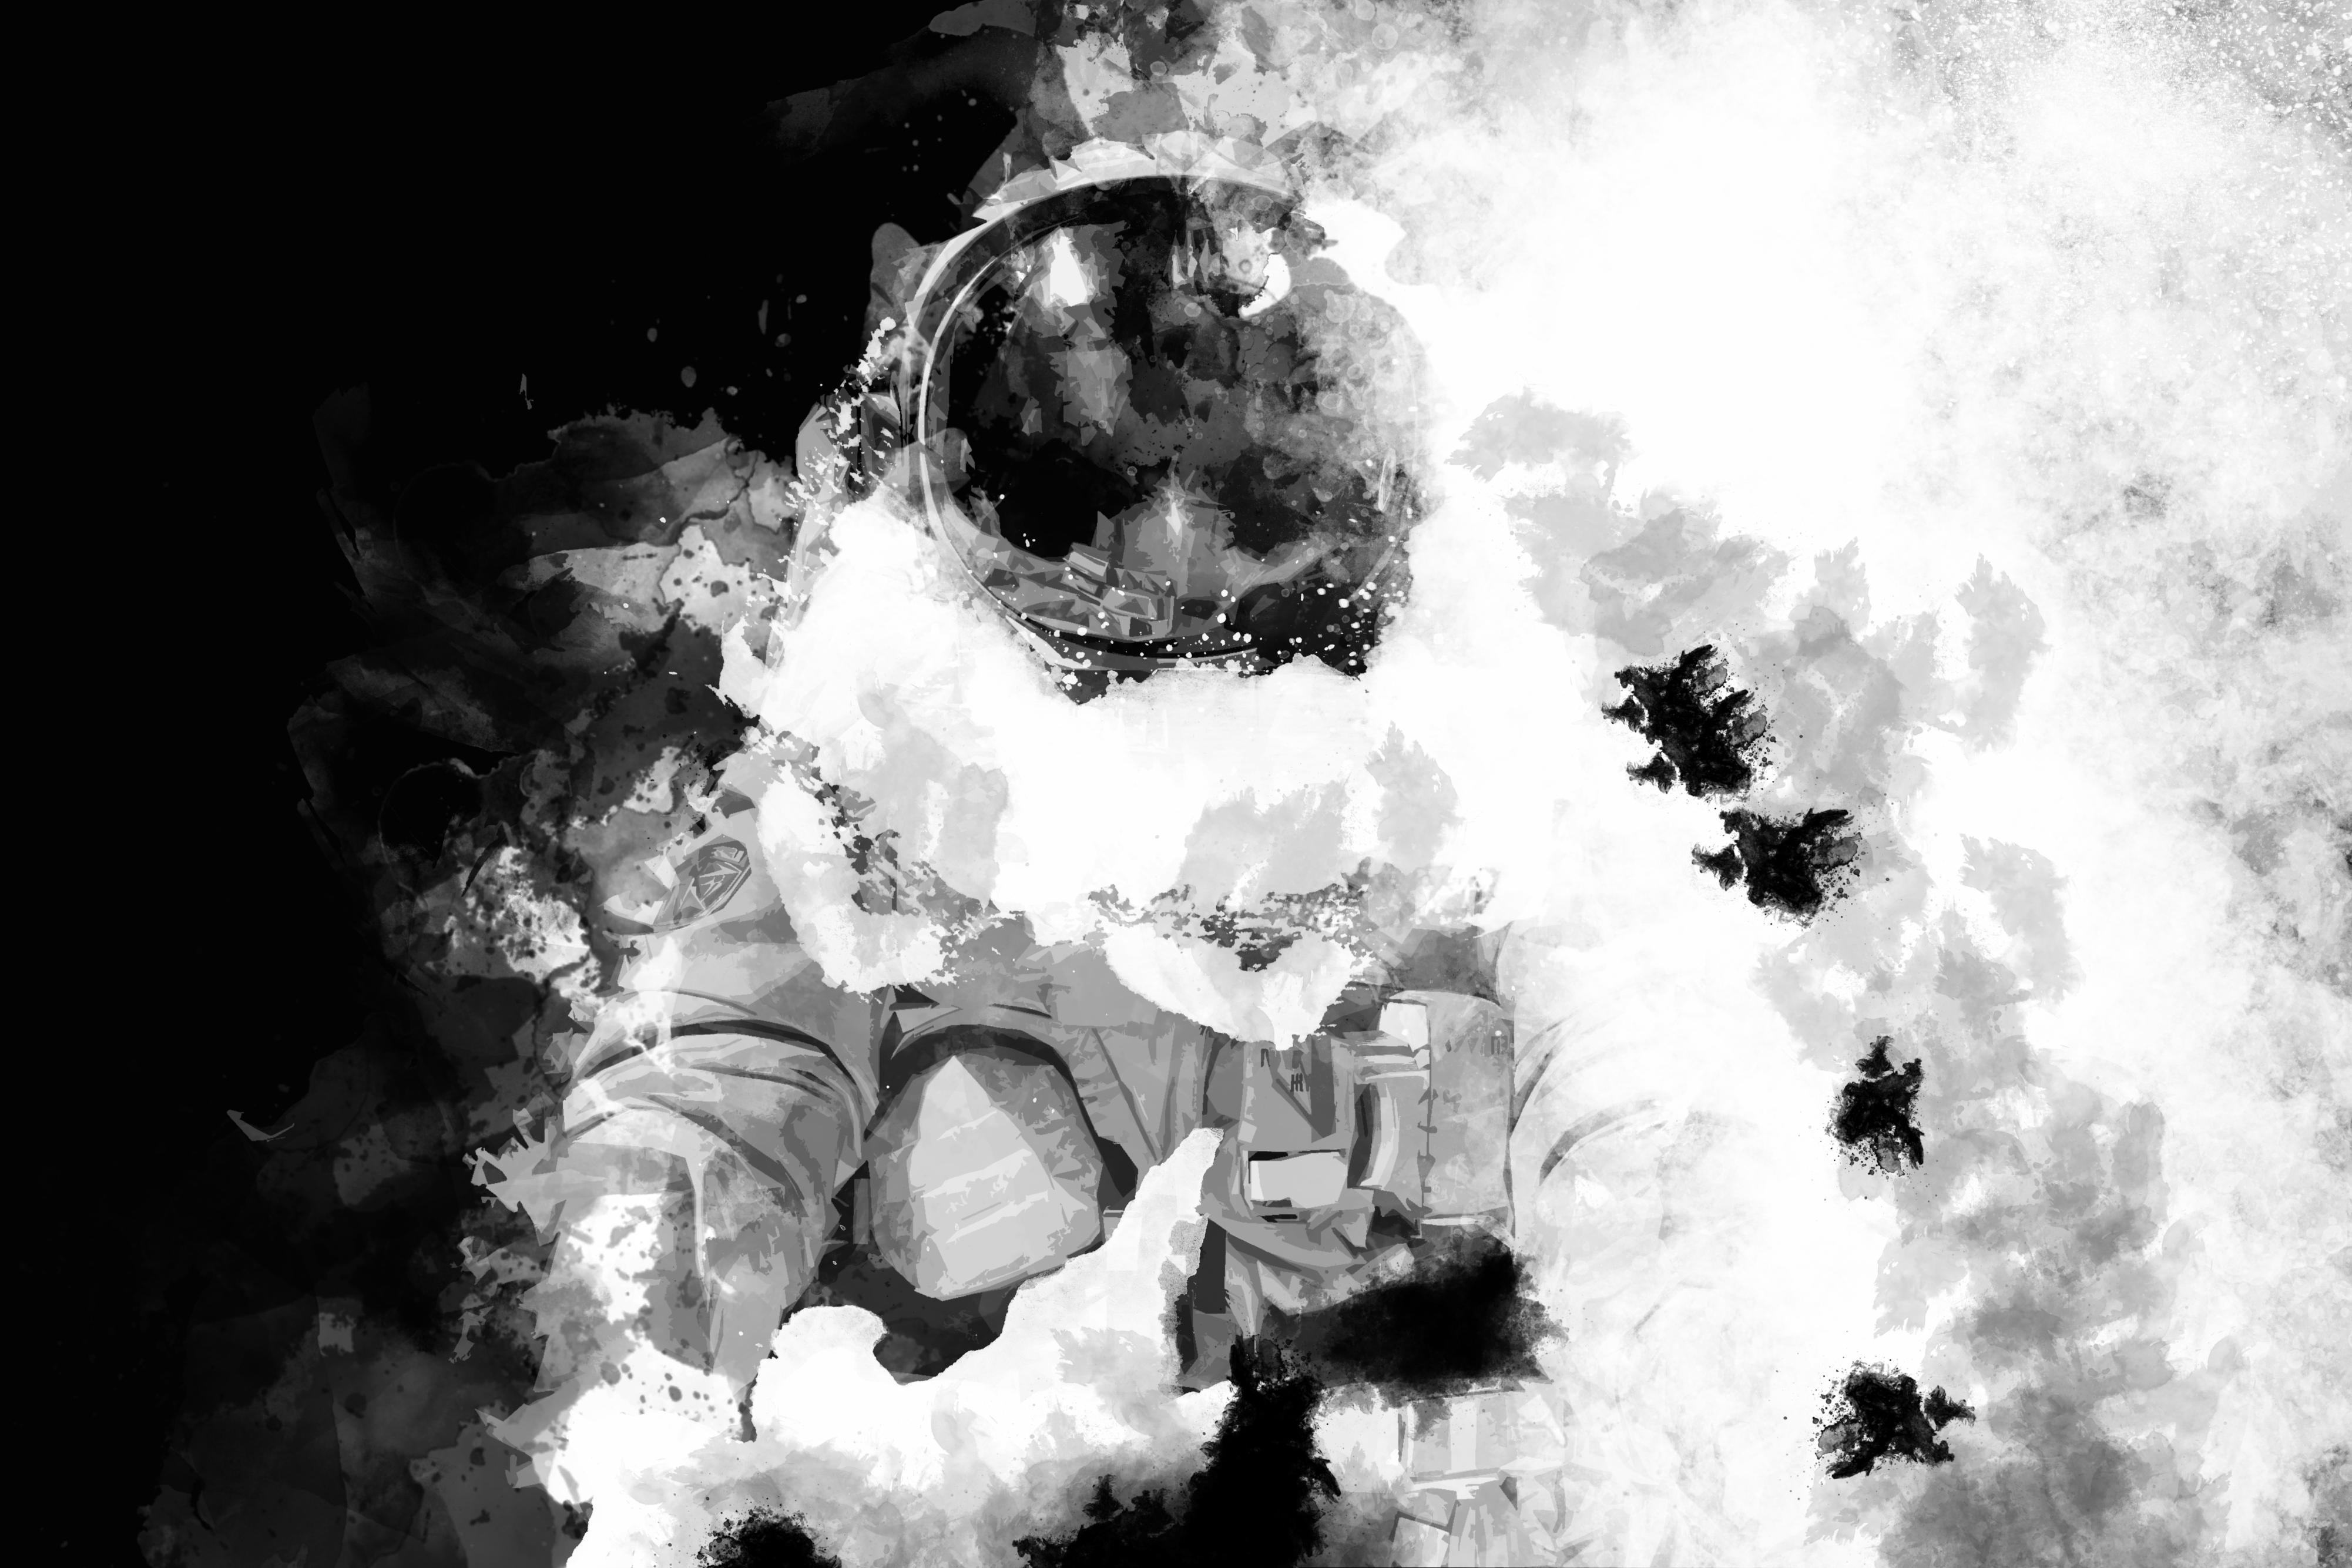 Astro-Soldier1st